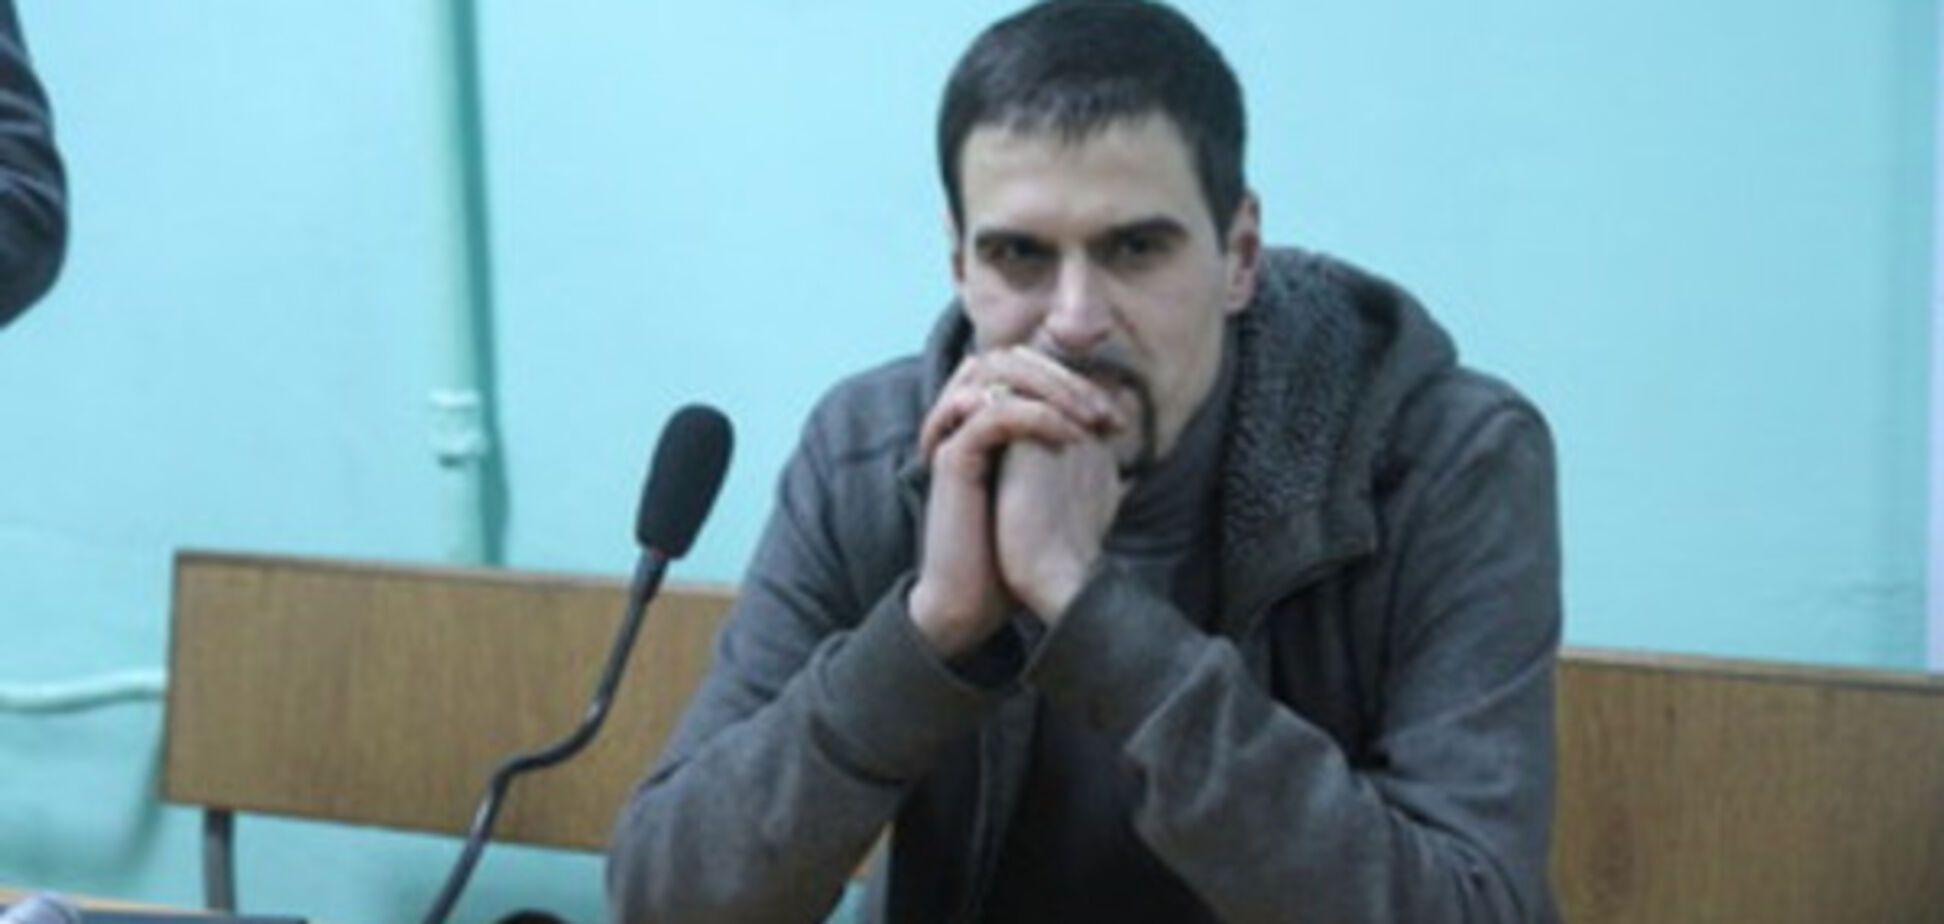 Экс-главред запорожской газеты осужден за укус правоохранителя (ВИДЕО)